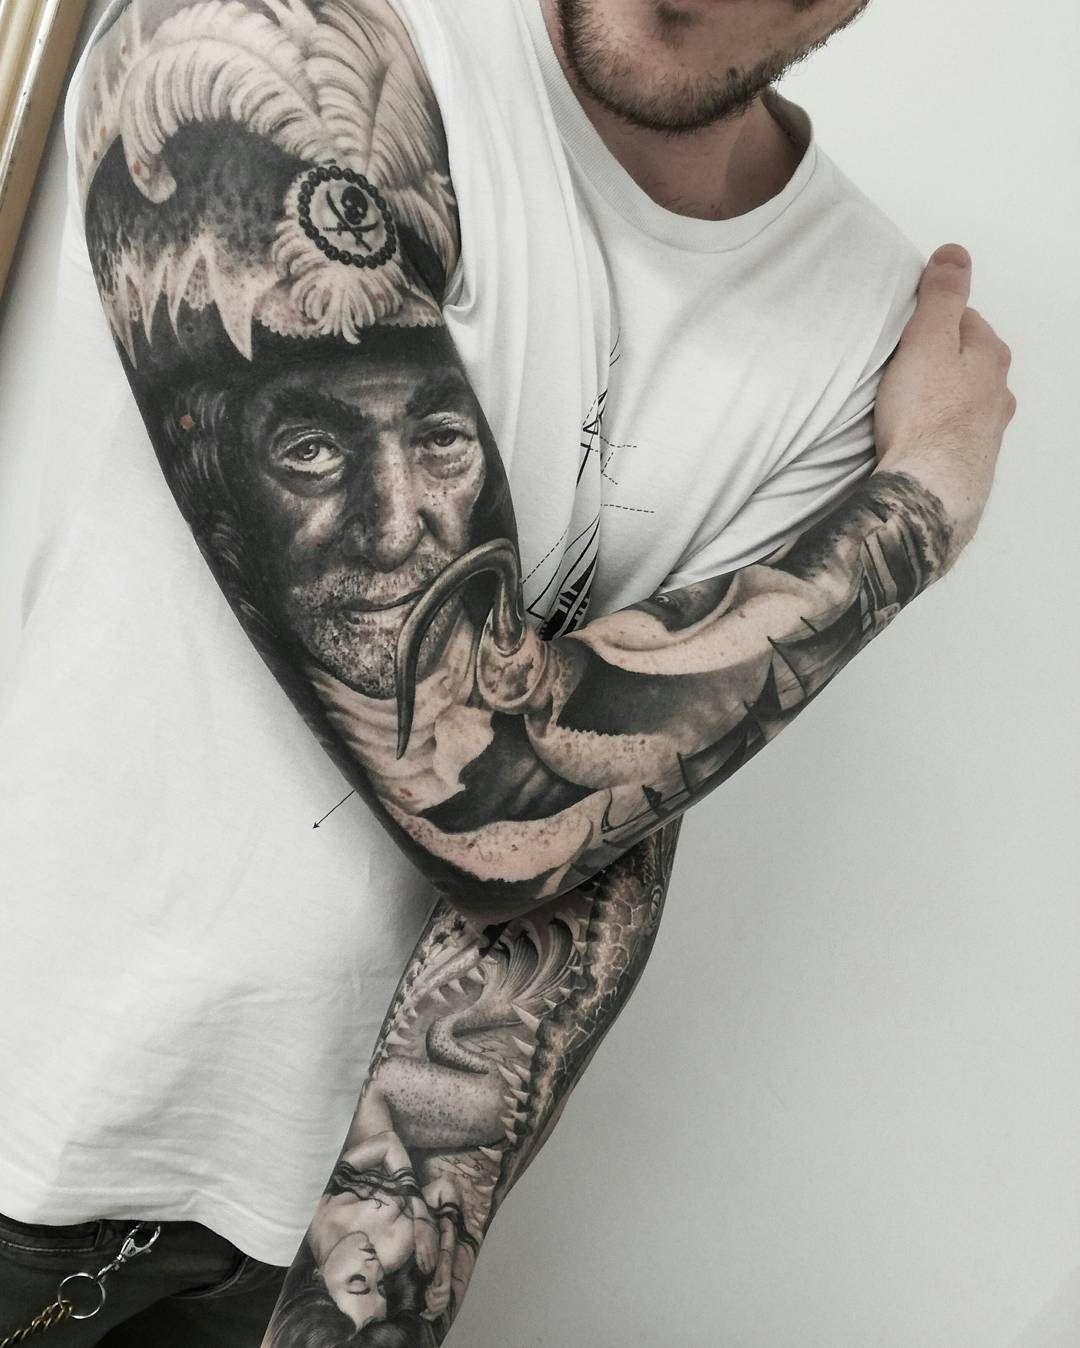 Henna Tattoo Für Jungs: Pin Von Gary Alsobrook Auf Tattoos (mit Bildern